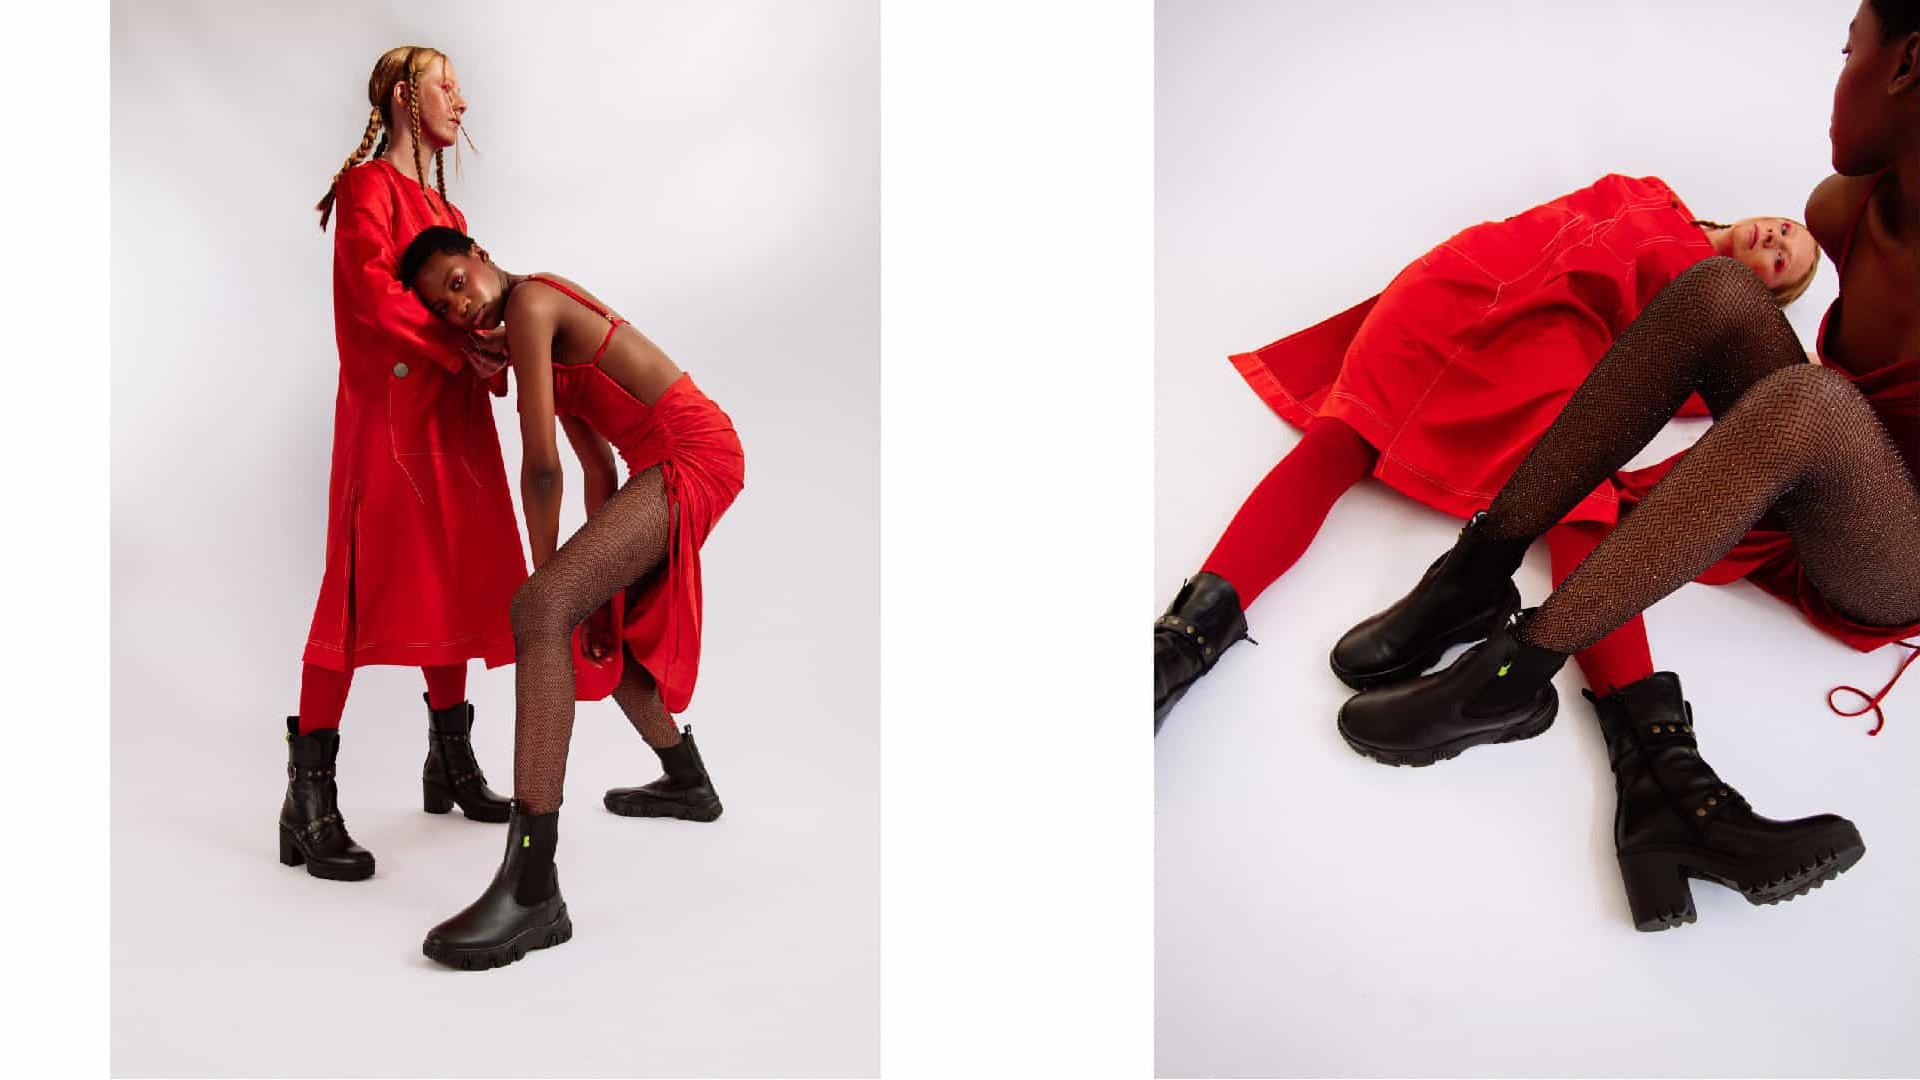 Para tudo! 'The Red Issue' da Fly London é a coleção do momento